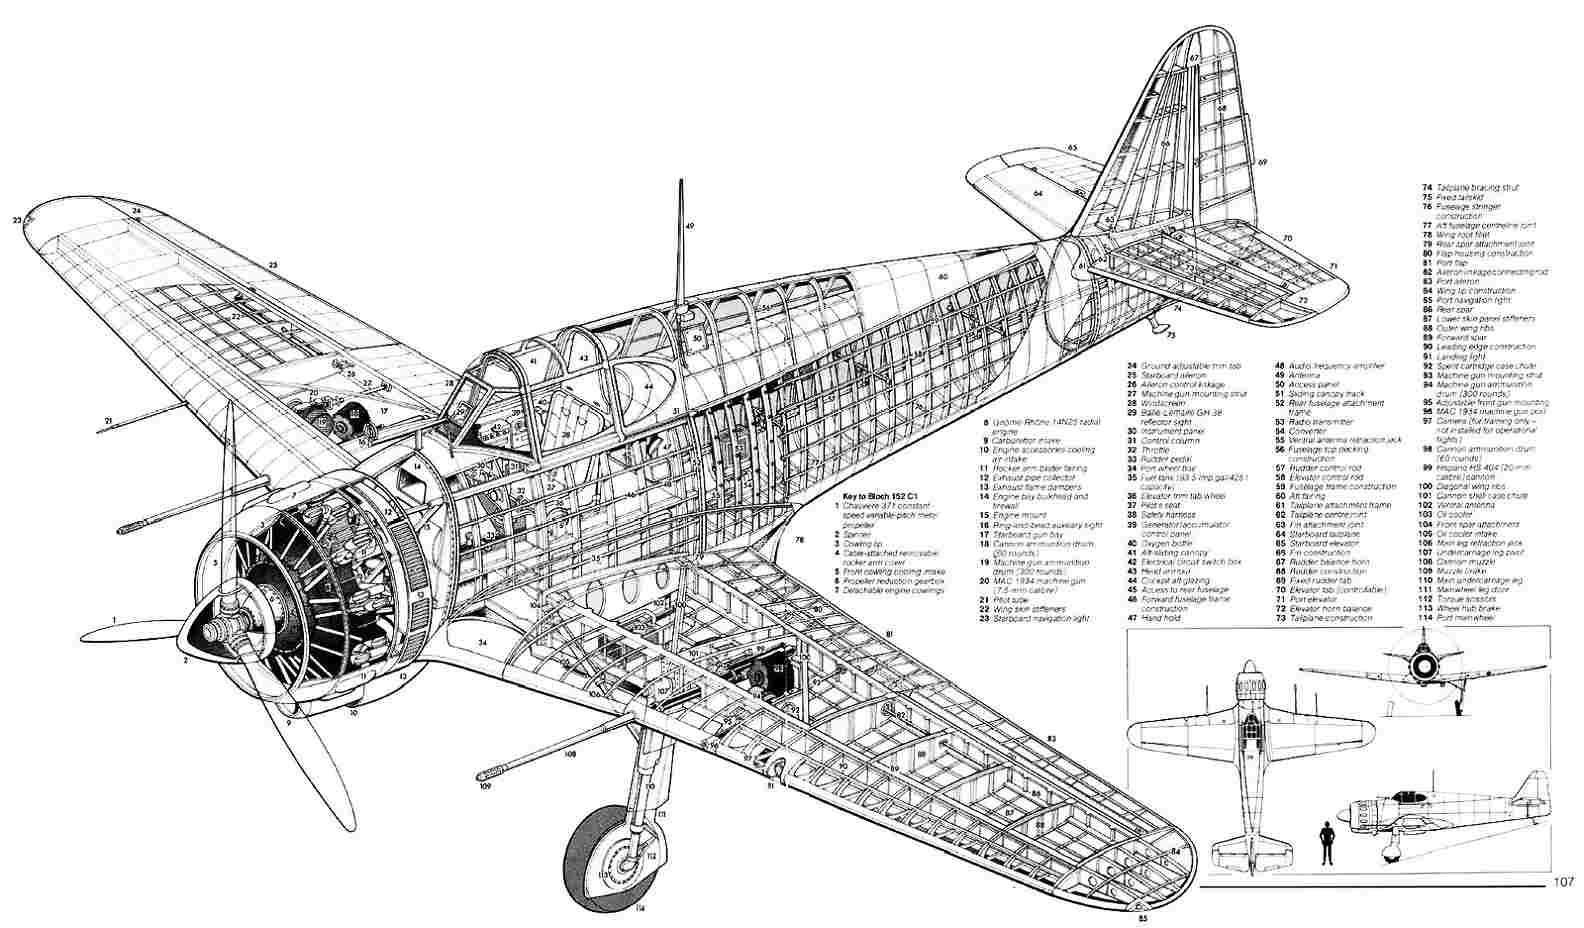 Bloch MB.152 blueprint